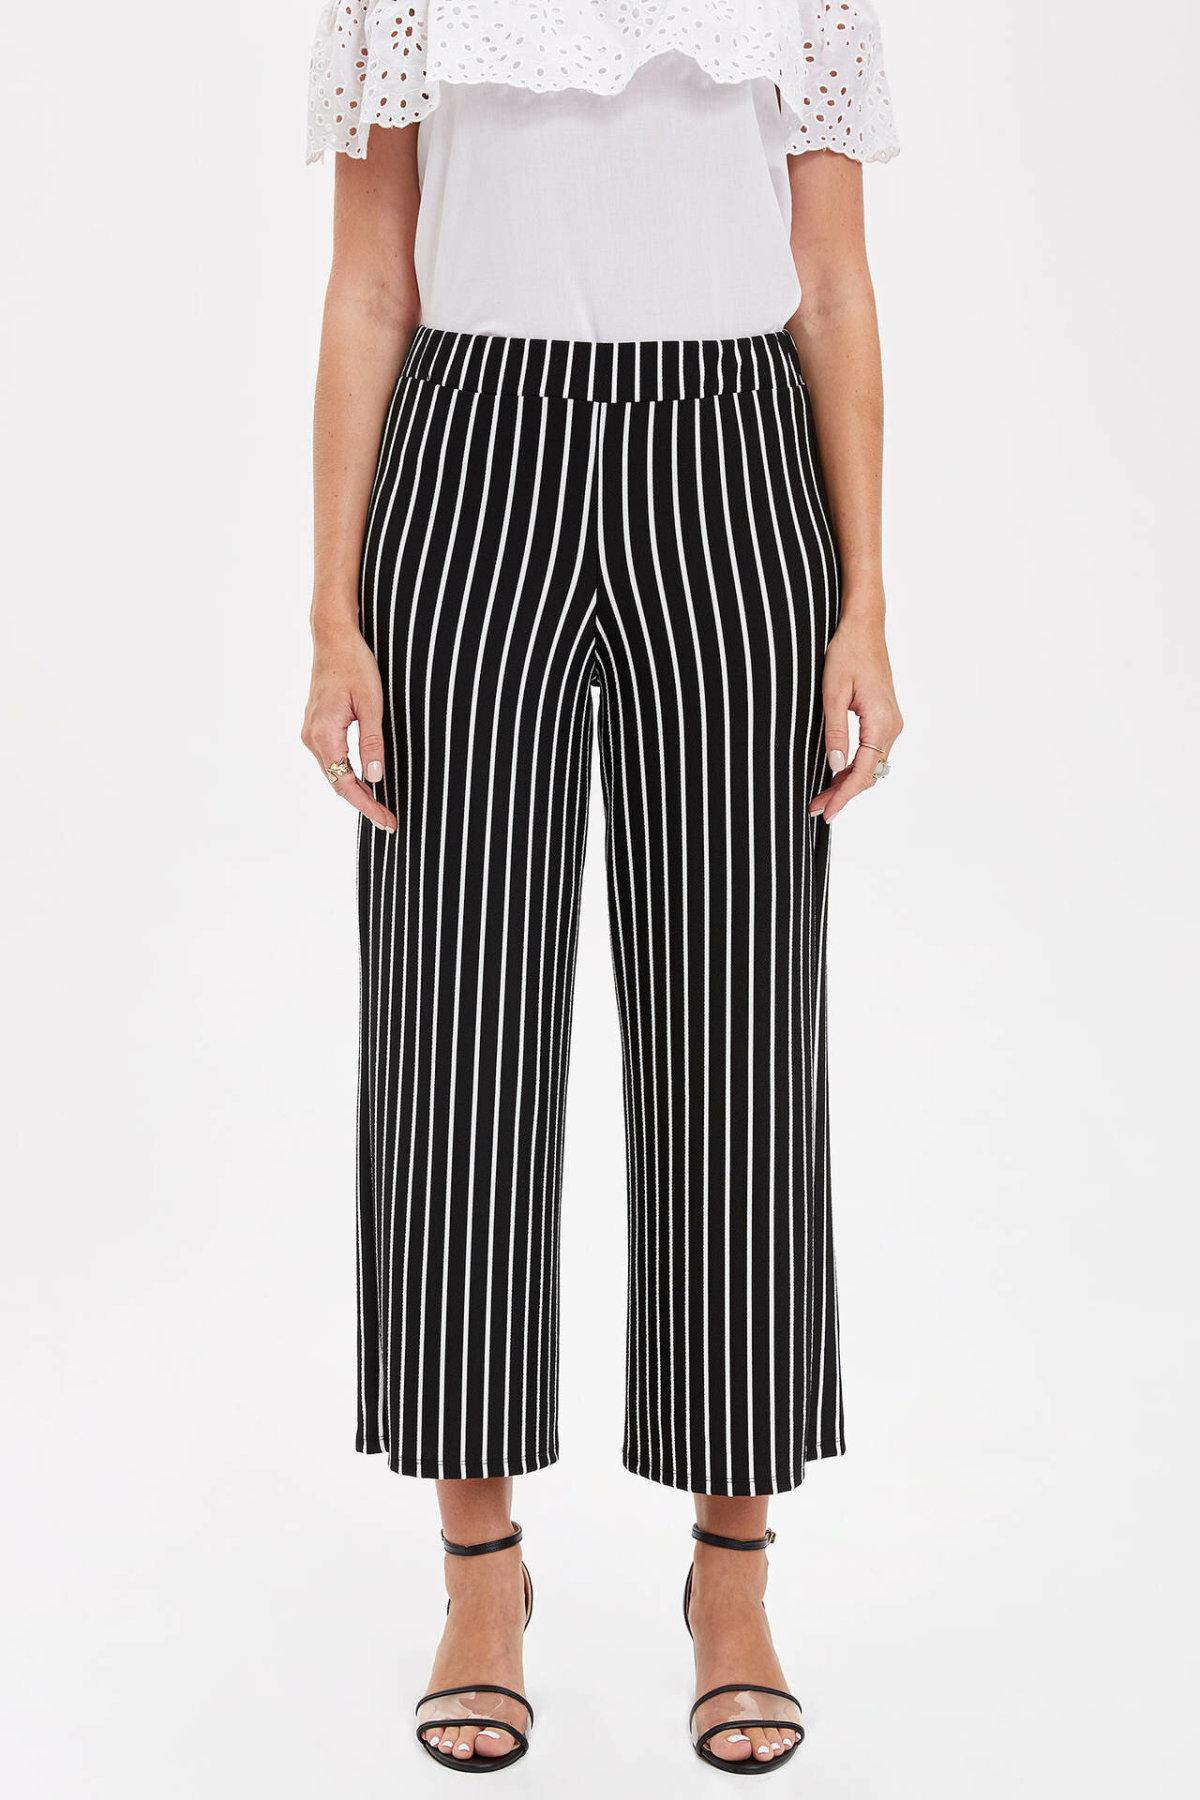 DeFacto Women Elegant Striped High Waist Wide Leg Pants Female Belt High Quality Loose Trousers Ladies Autumn L0085AZ19HS